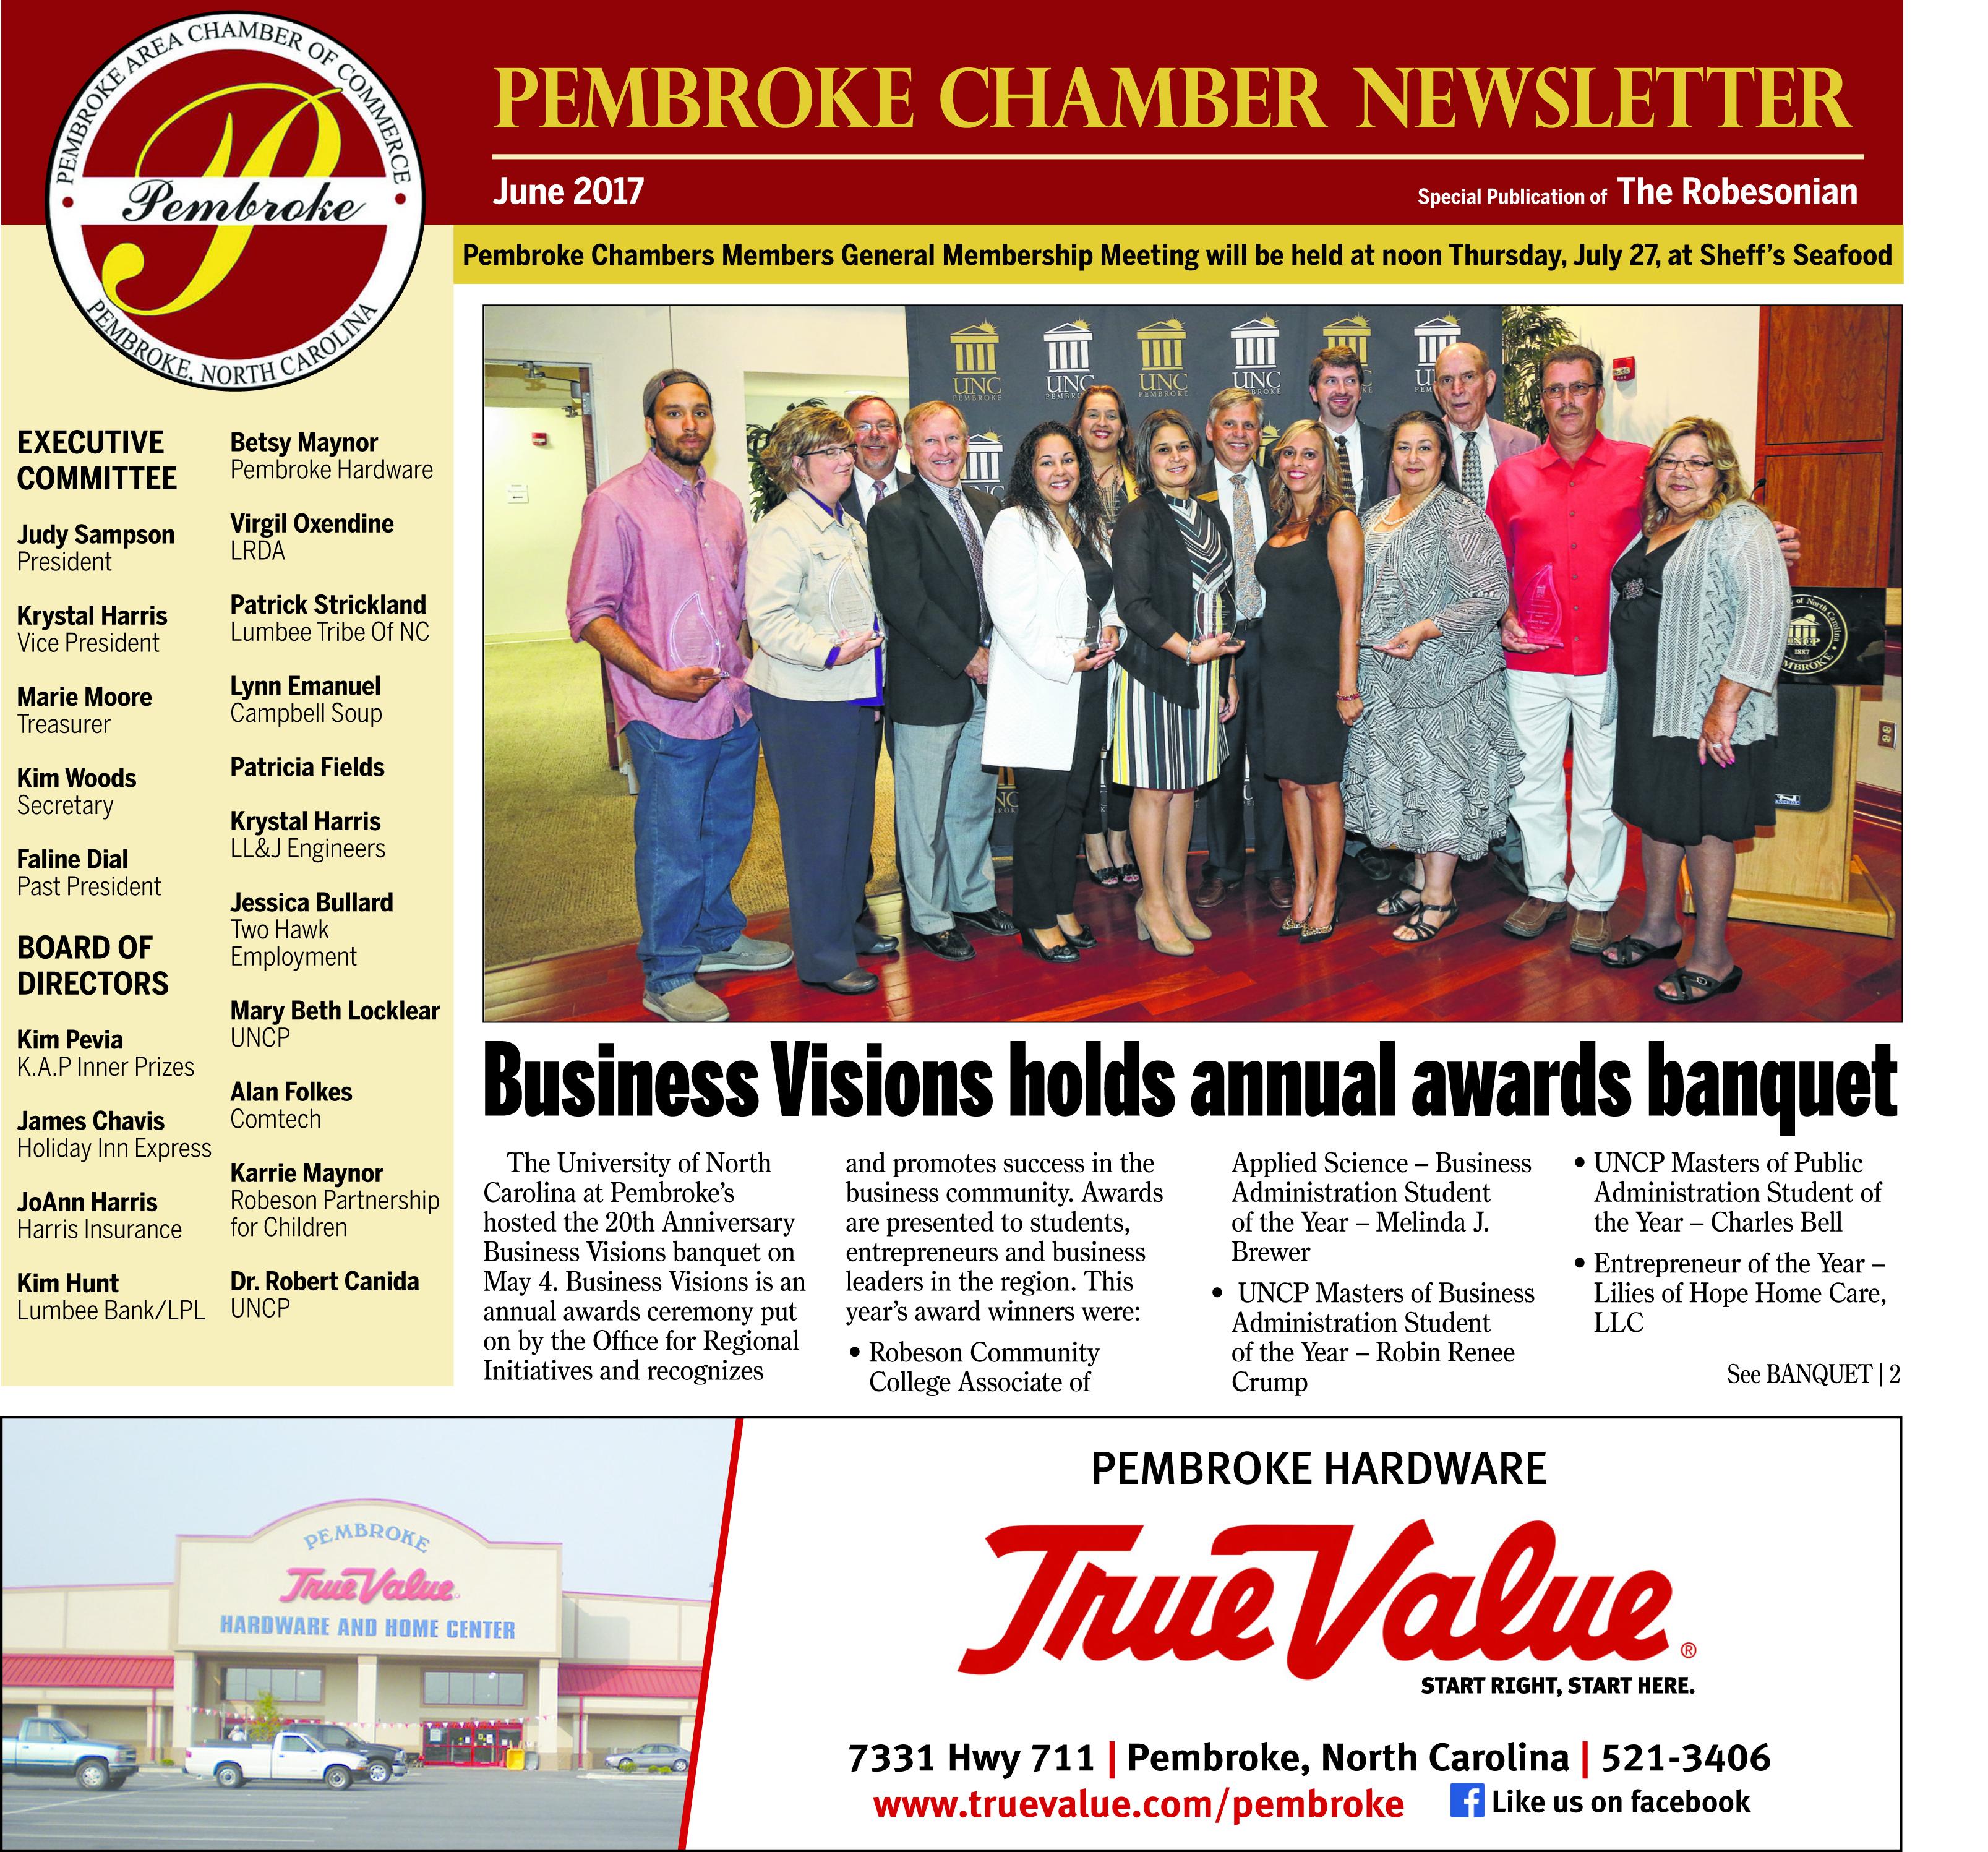 Pembroke Chamber Newsletter: June 2017